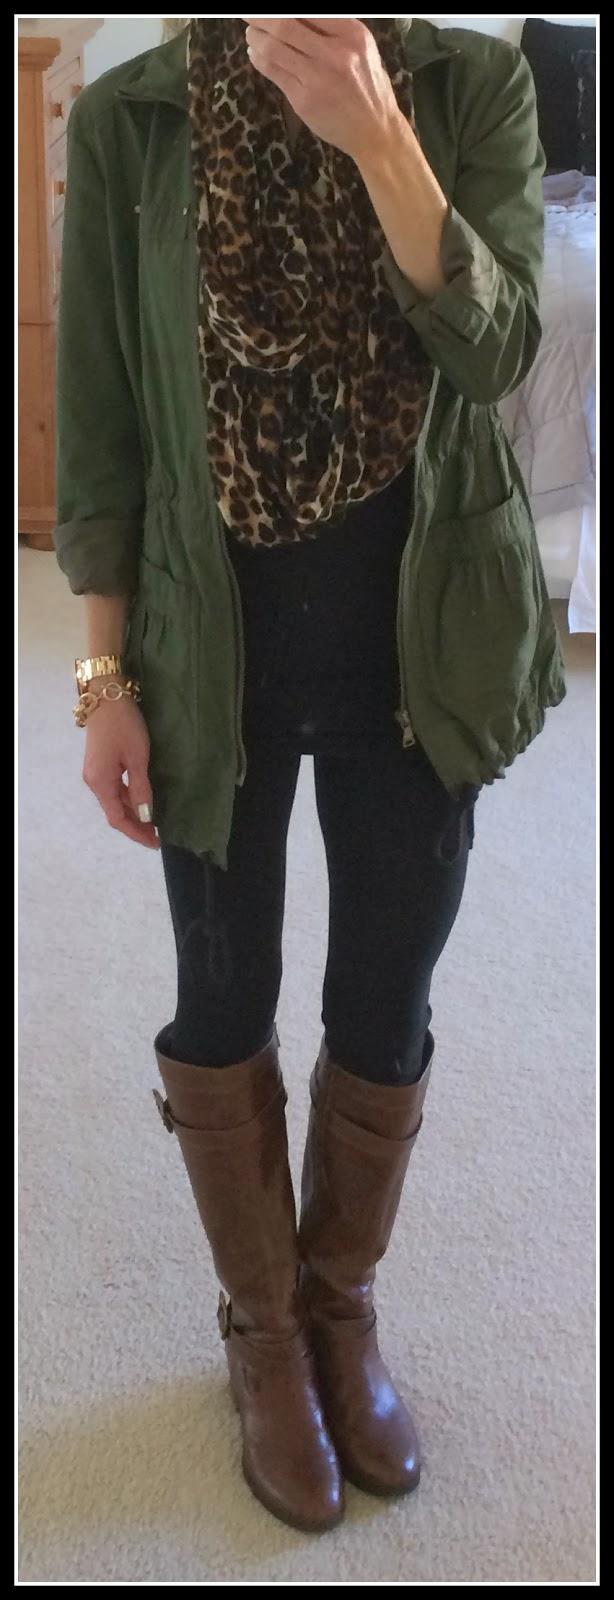 express cotton anorak jacket, military jacket, olive jacket, field jacket, utility jacket